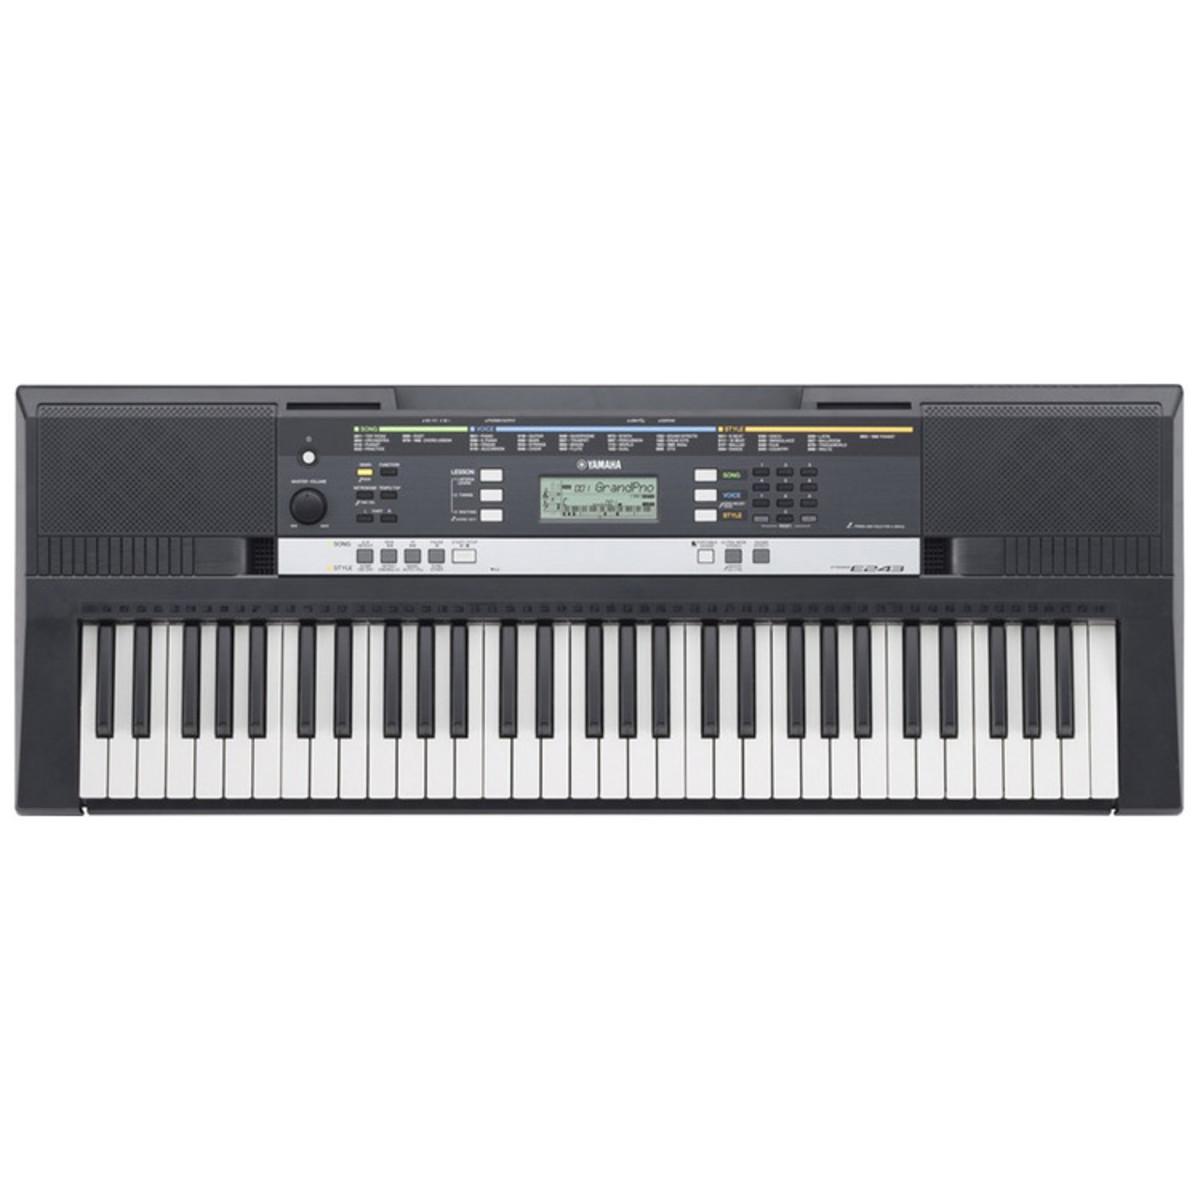 Yamaha psre243 portable keyboard ex demo at for Yamaha psr 190 manual